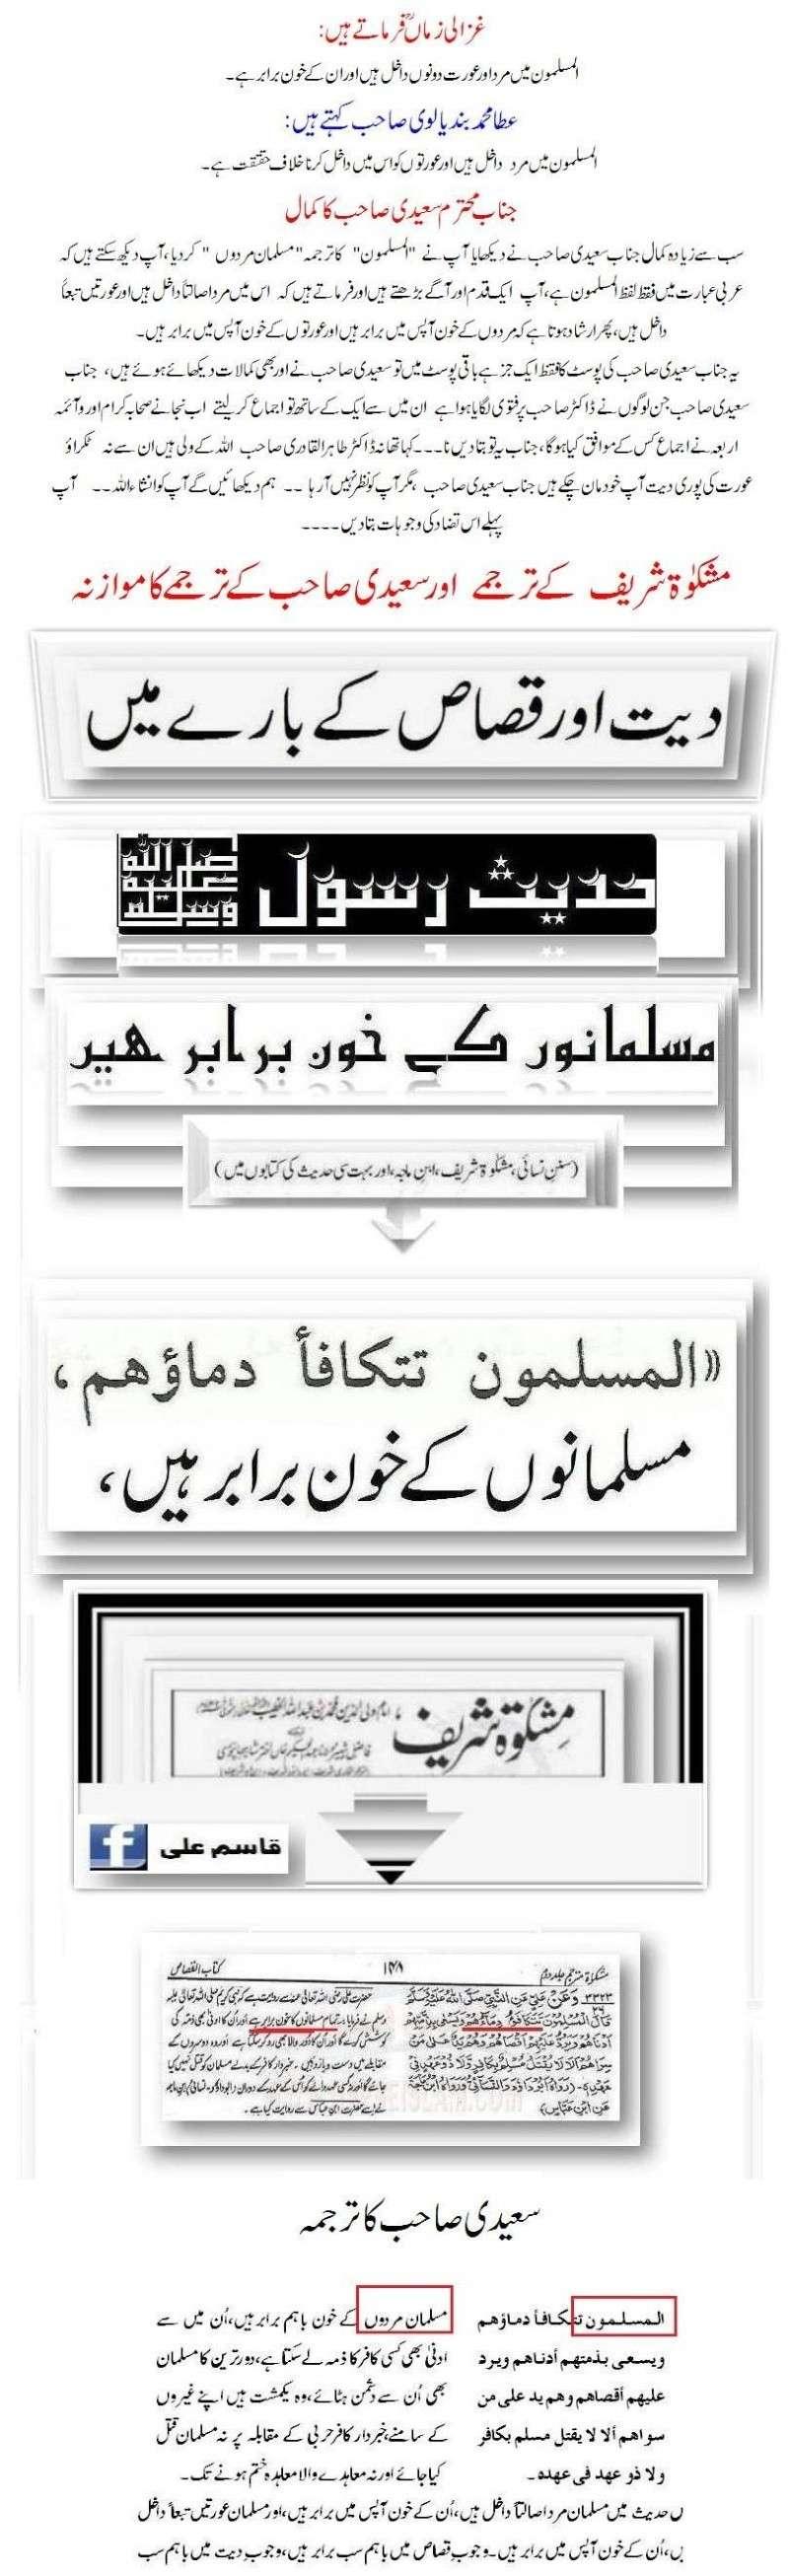 دیت کی جعلی فتوی فیکٹری پر منہاج القرآن کی فتح کا جھنڈا - Page 2 Qasim_20